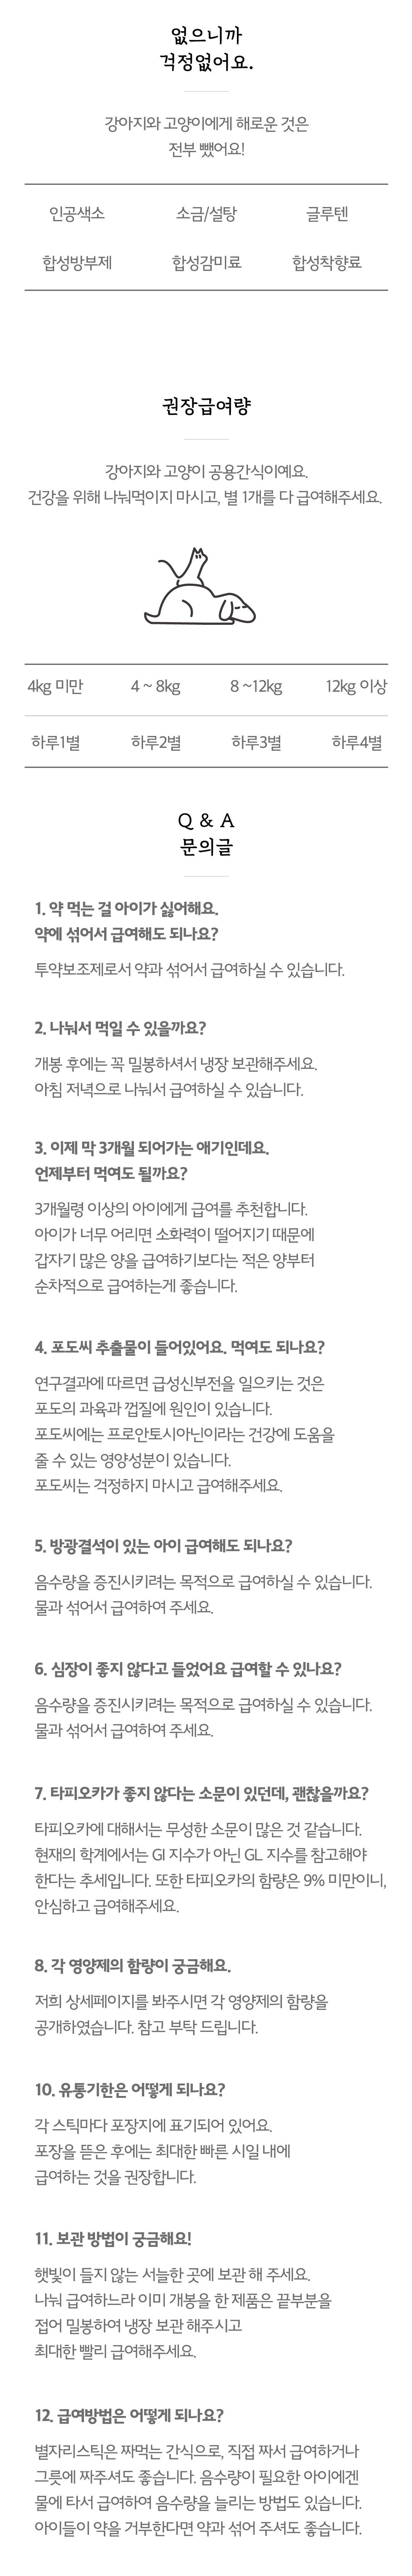 마이베프 별자리스틱 심장/눈/관절/멀티비타민 (15g*4p)-상품이미지-12